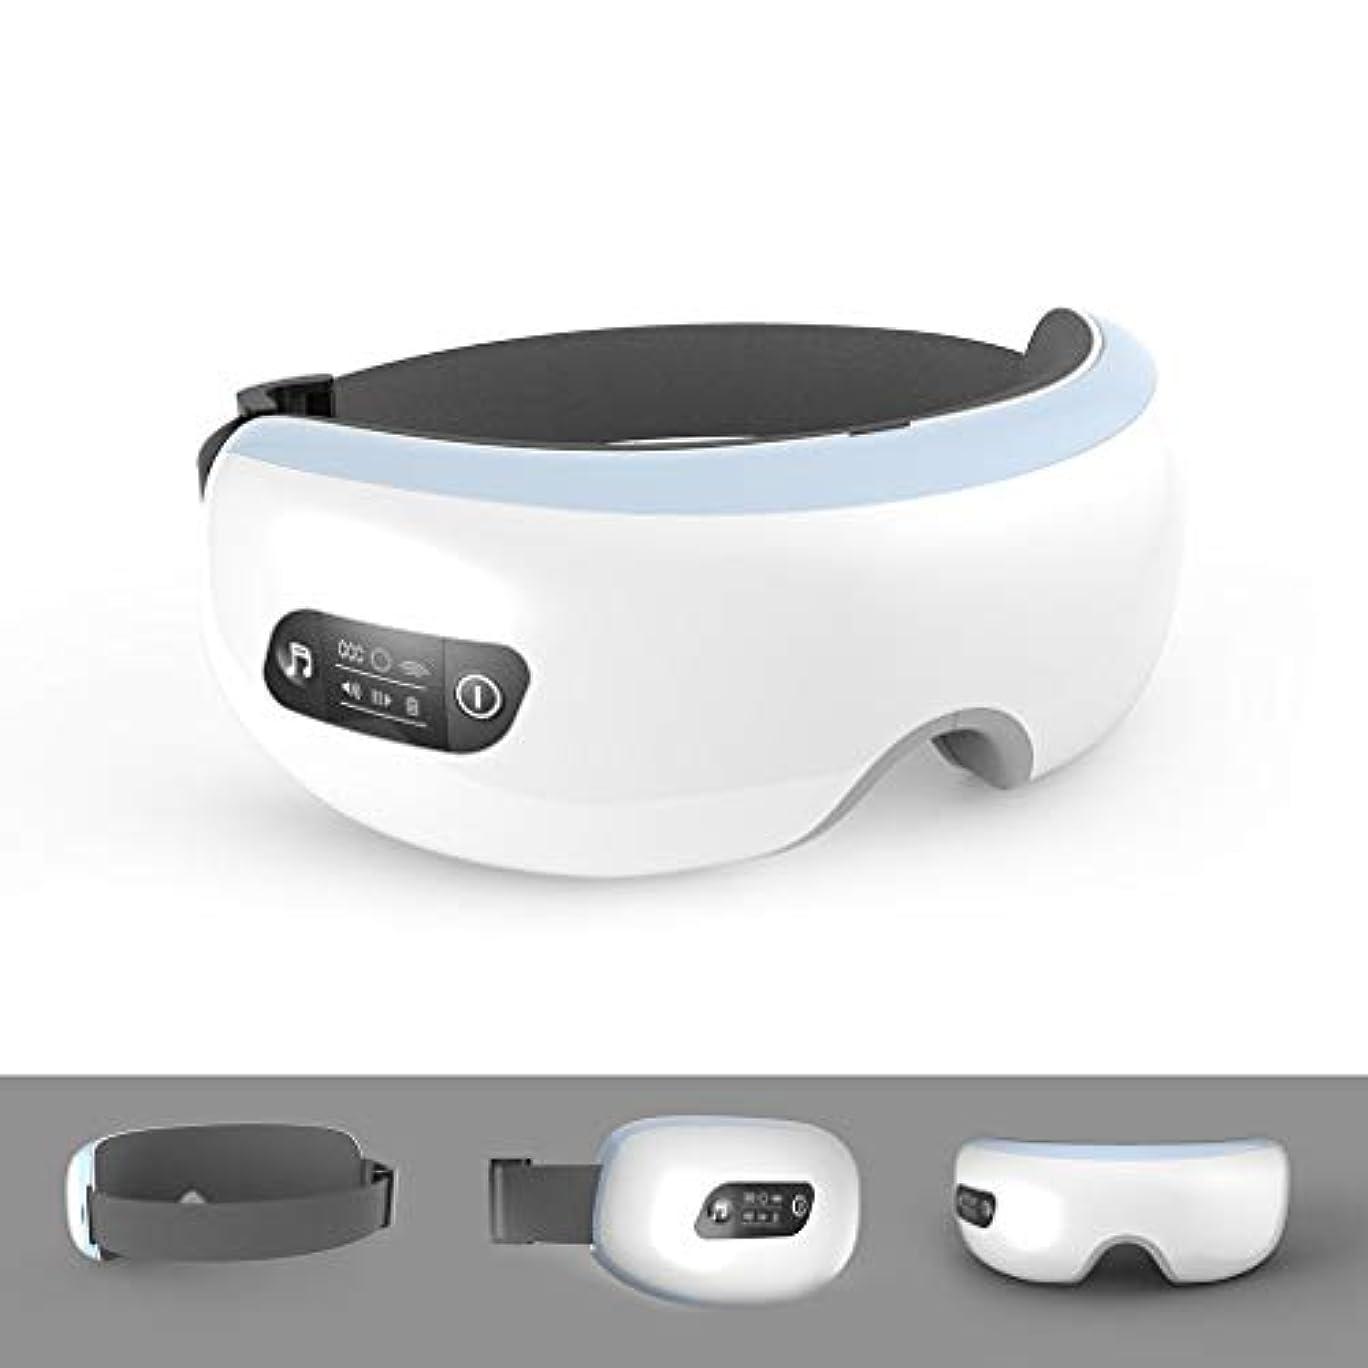 黙認するピンチ時代遅れアイマッサージャープレッシャー付アイマッサージャー振動マッサージミュージック赤外線温熱療法ポータブル機能アイバッグを排除、アイ磁気遠赤外線加熱ケア